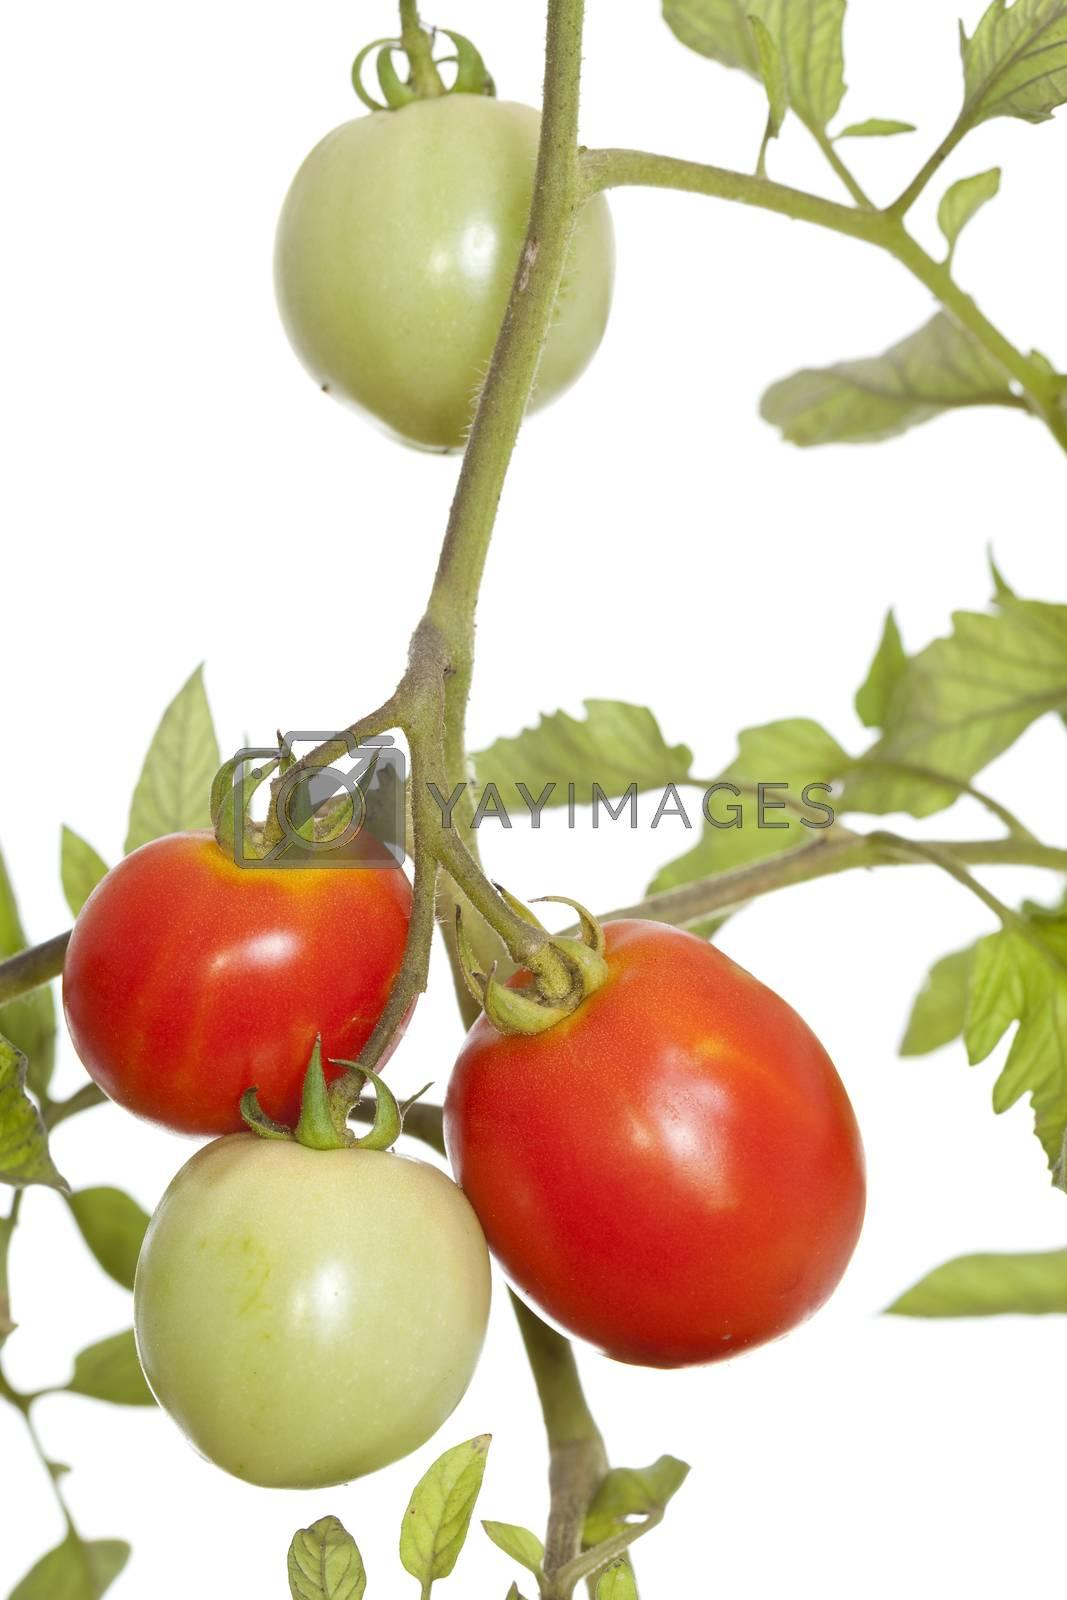 unripe and ripe tomato on bush on white